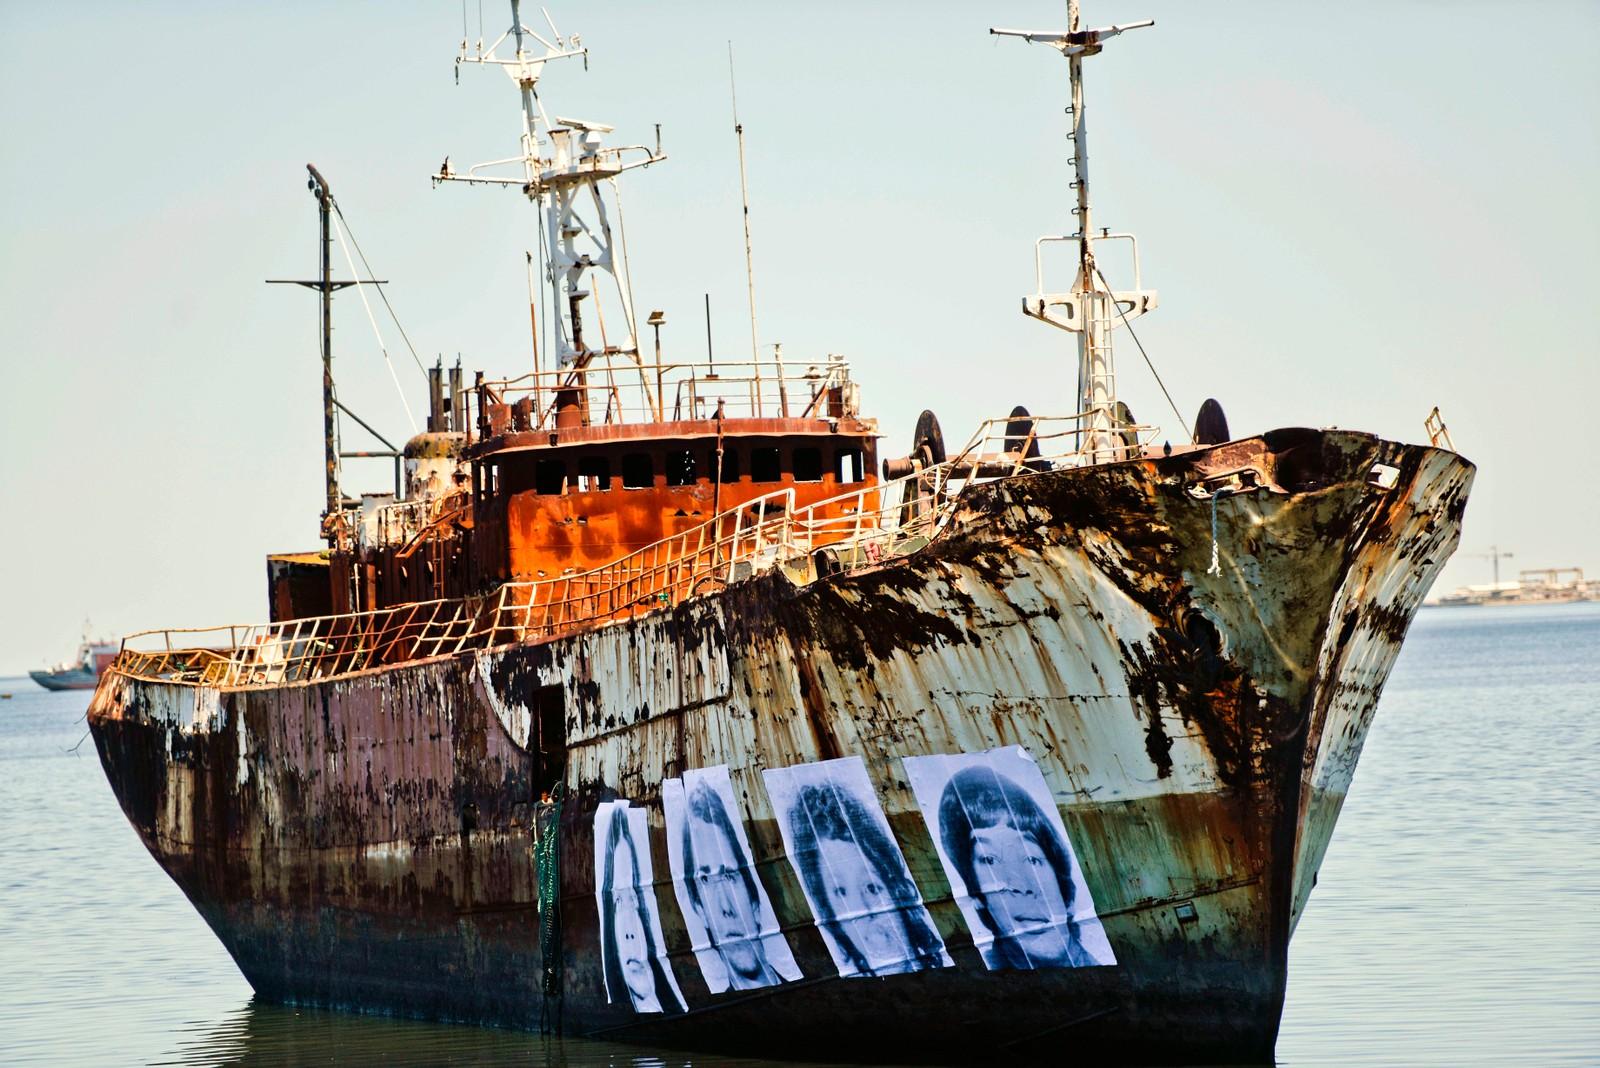 Bildene på skroget er uruguayanere som forsvant under diktaturet mellom 1973 og 1985. Prosjektet ble startet av fotografen Augustin Fernandez for å rette oppmerksomhet mot den manglende etterforskningen av disse forsvinningene.